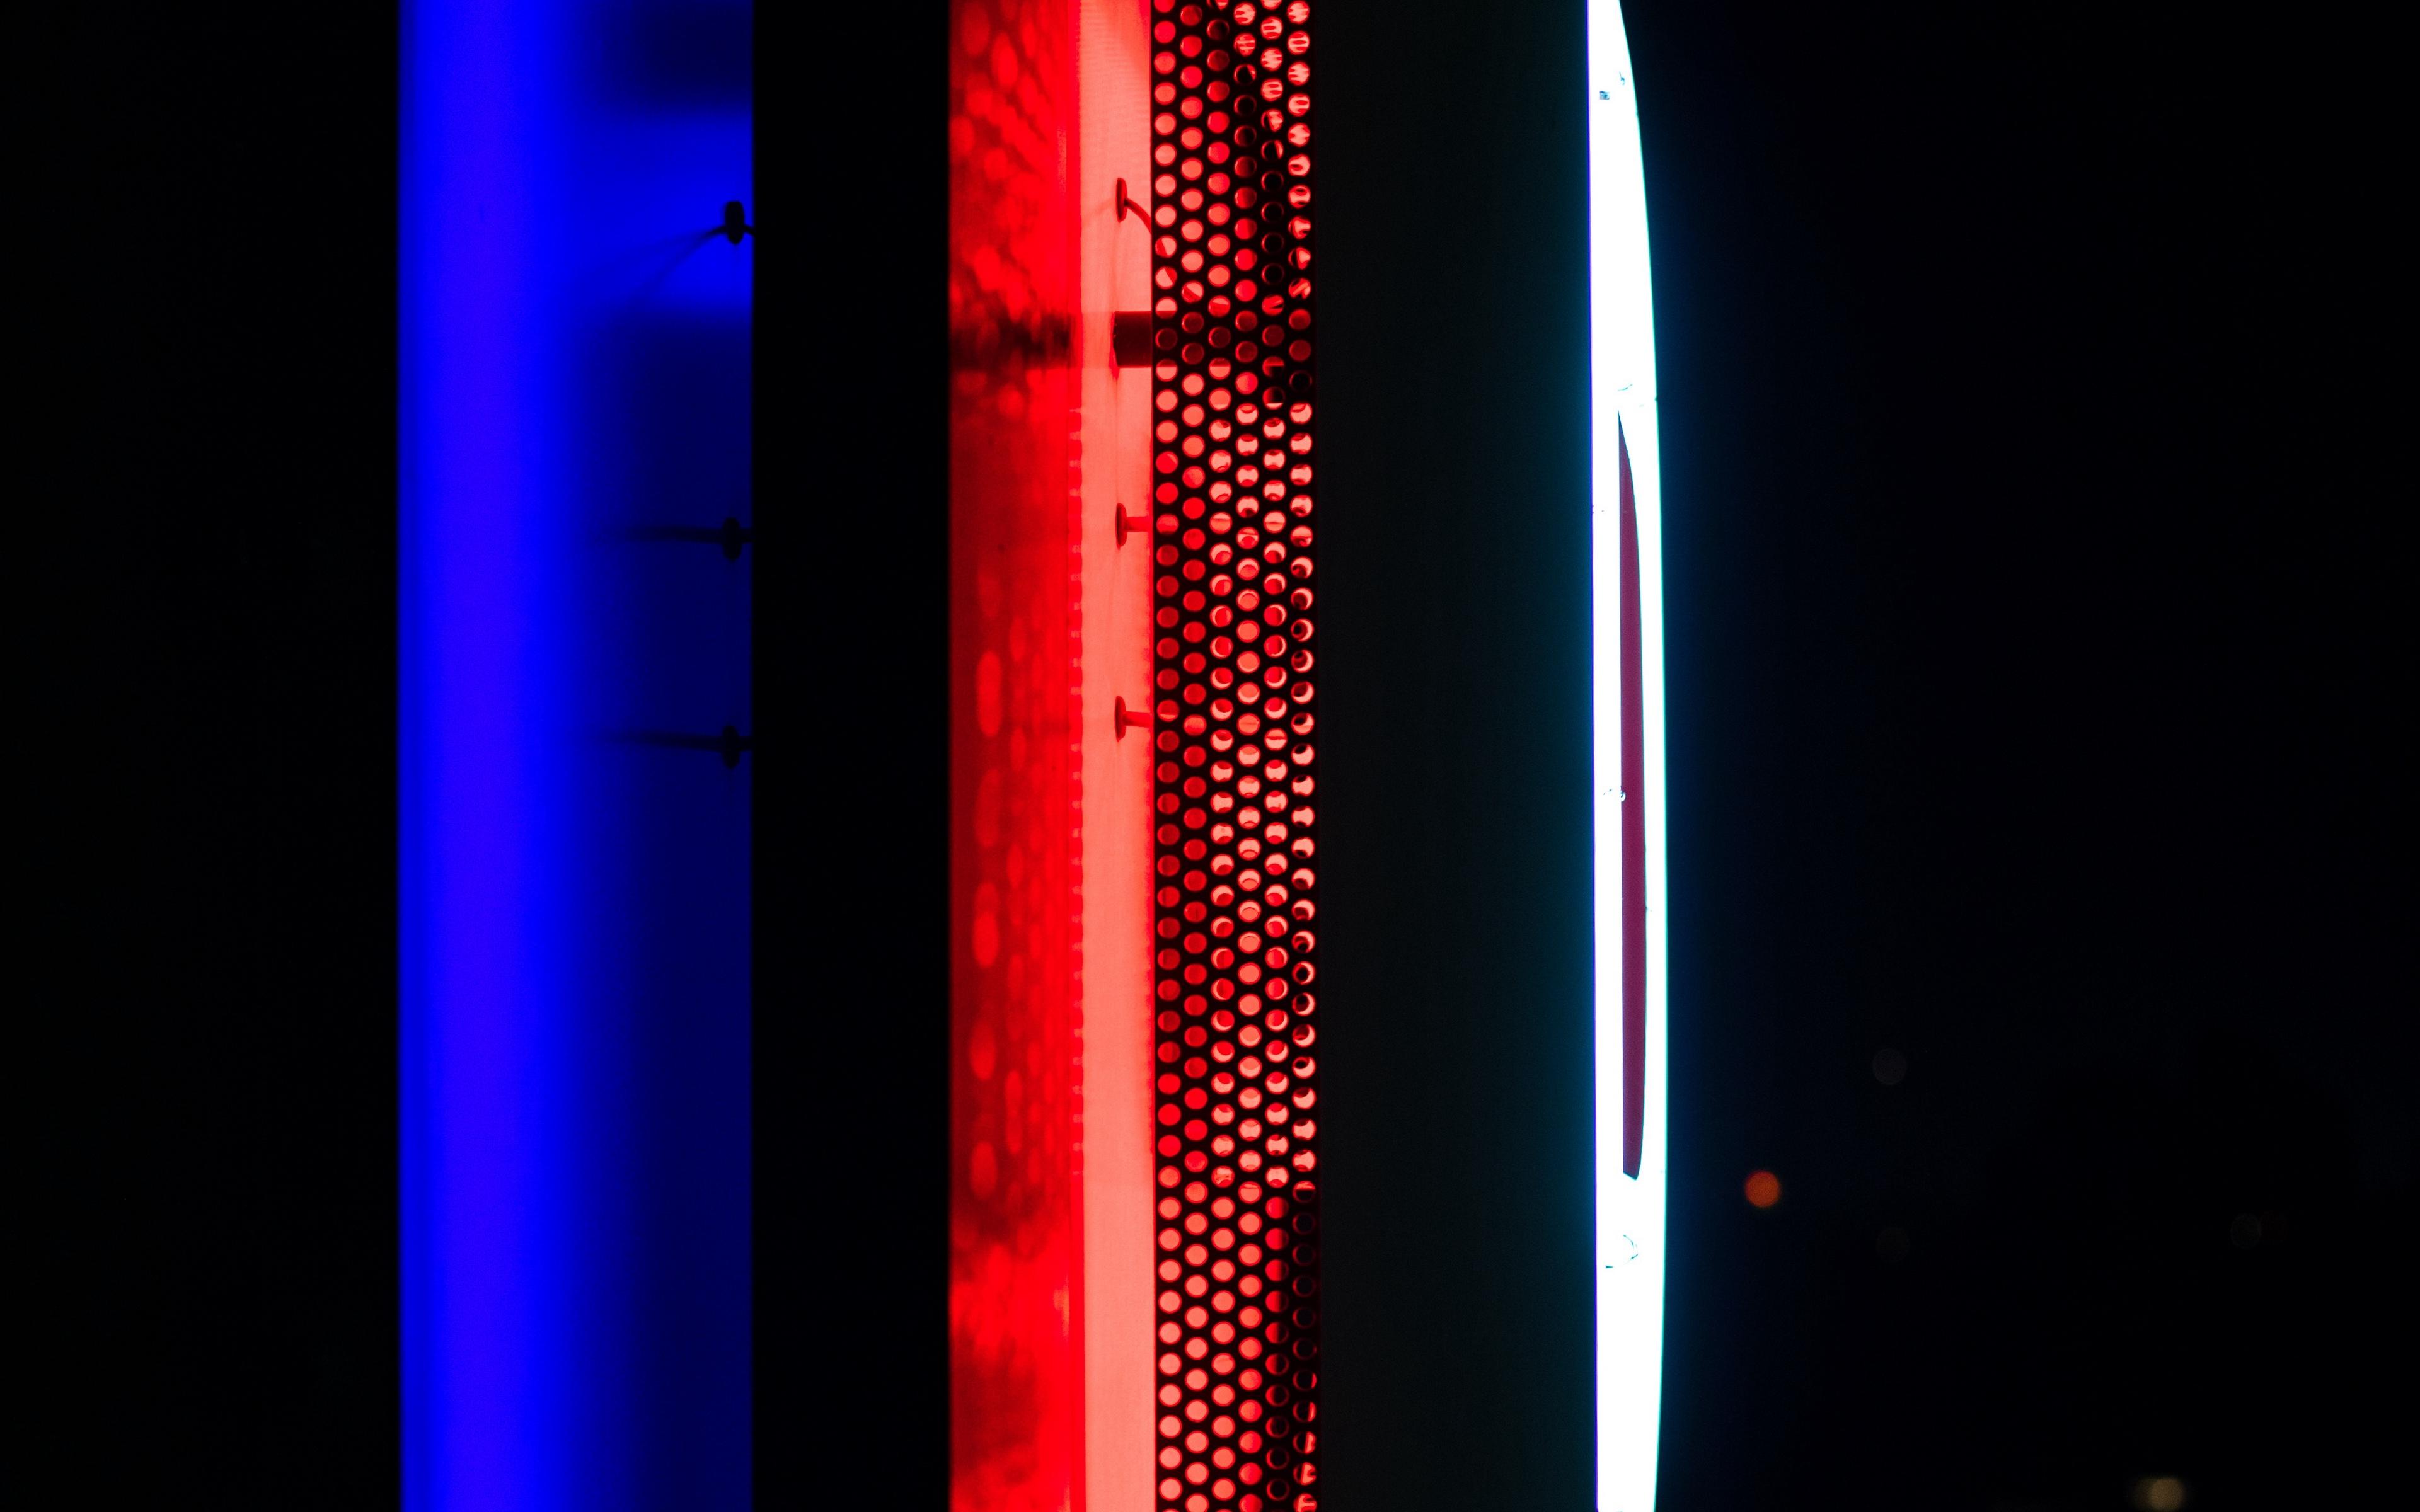 Wallpaper Neon Backlight Wall Dark Blue Red Neon On Red Background 77847 Hd Wallpaper Backgrounds Download